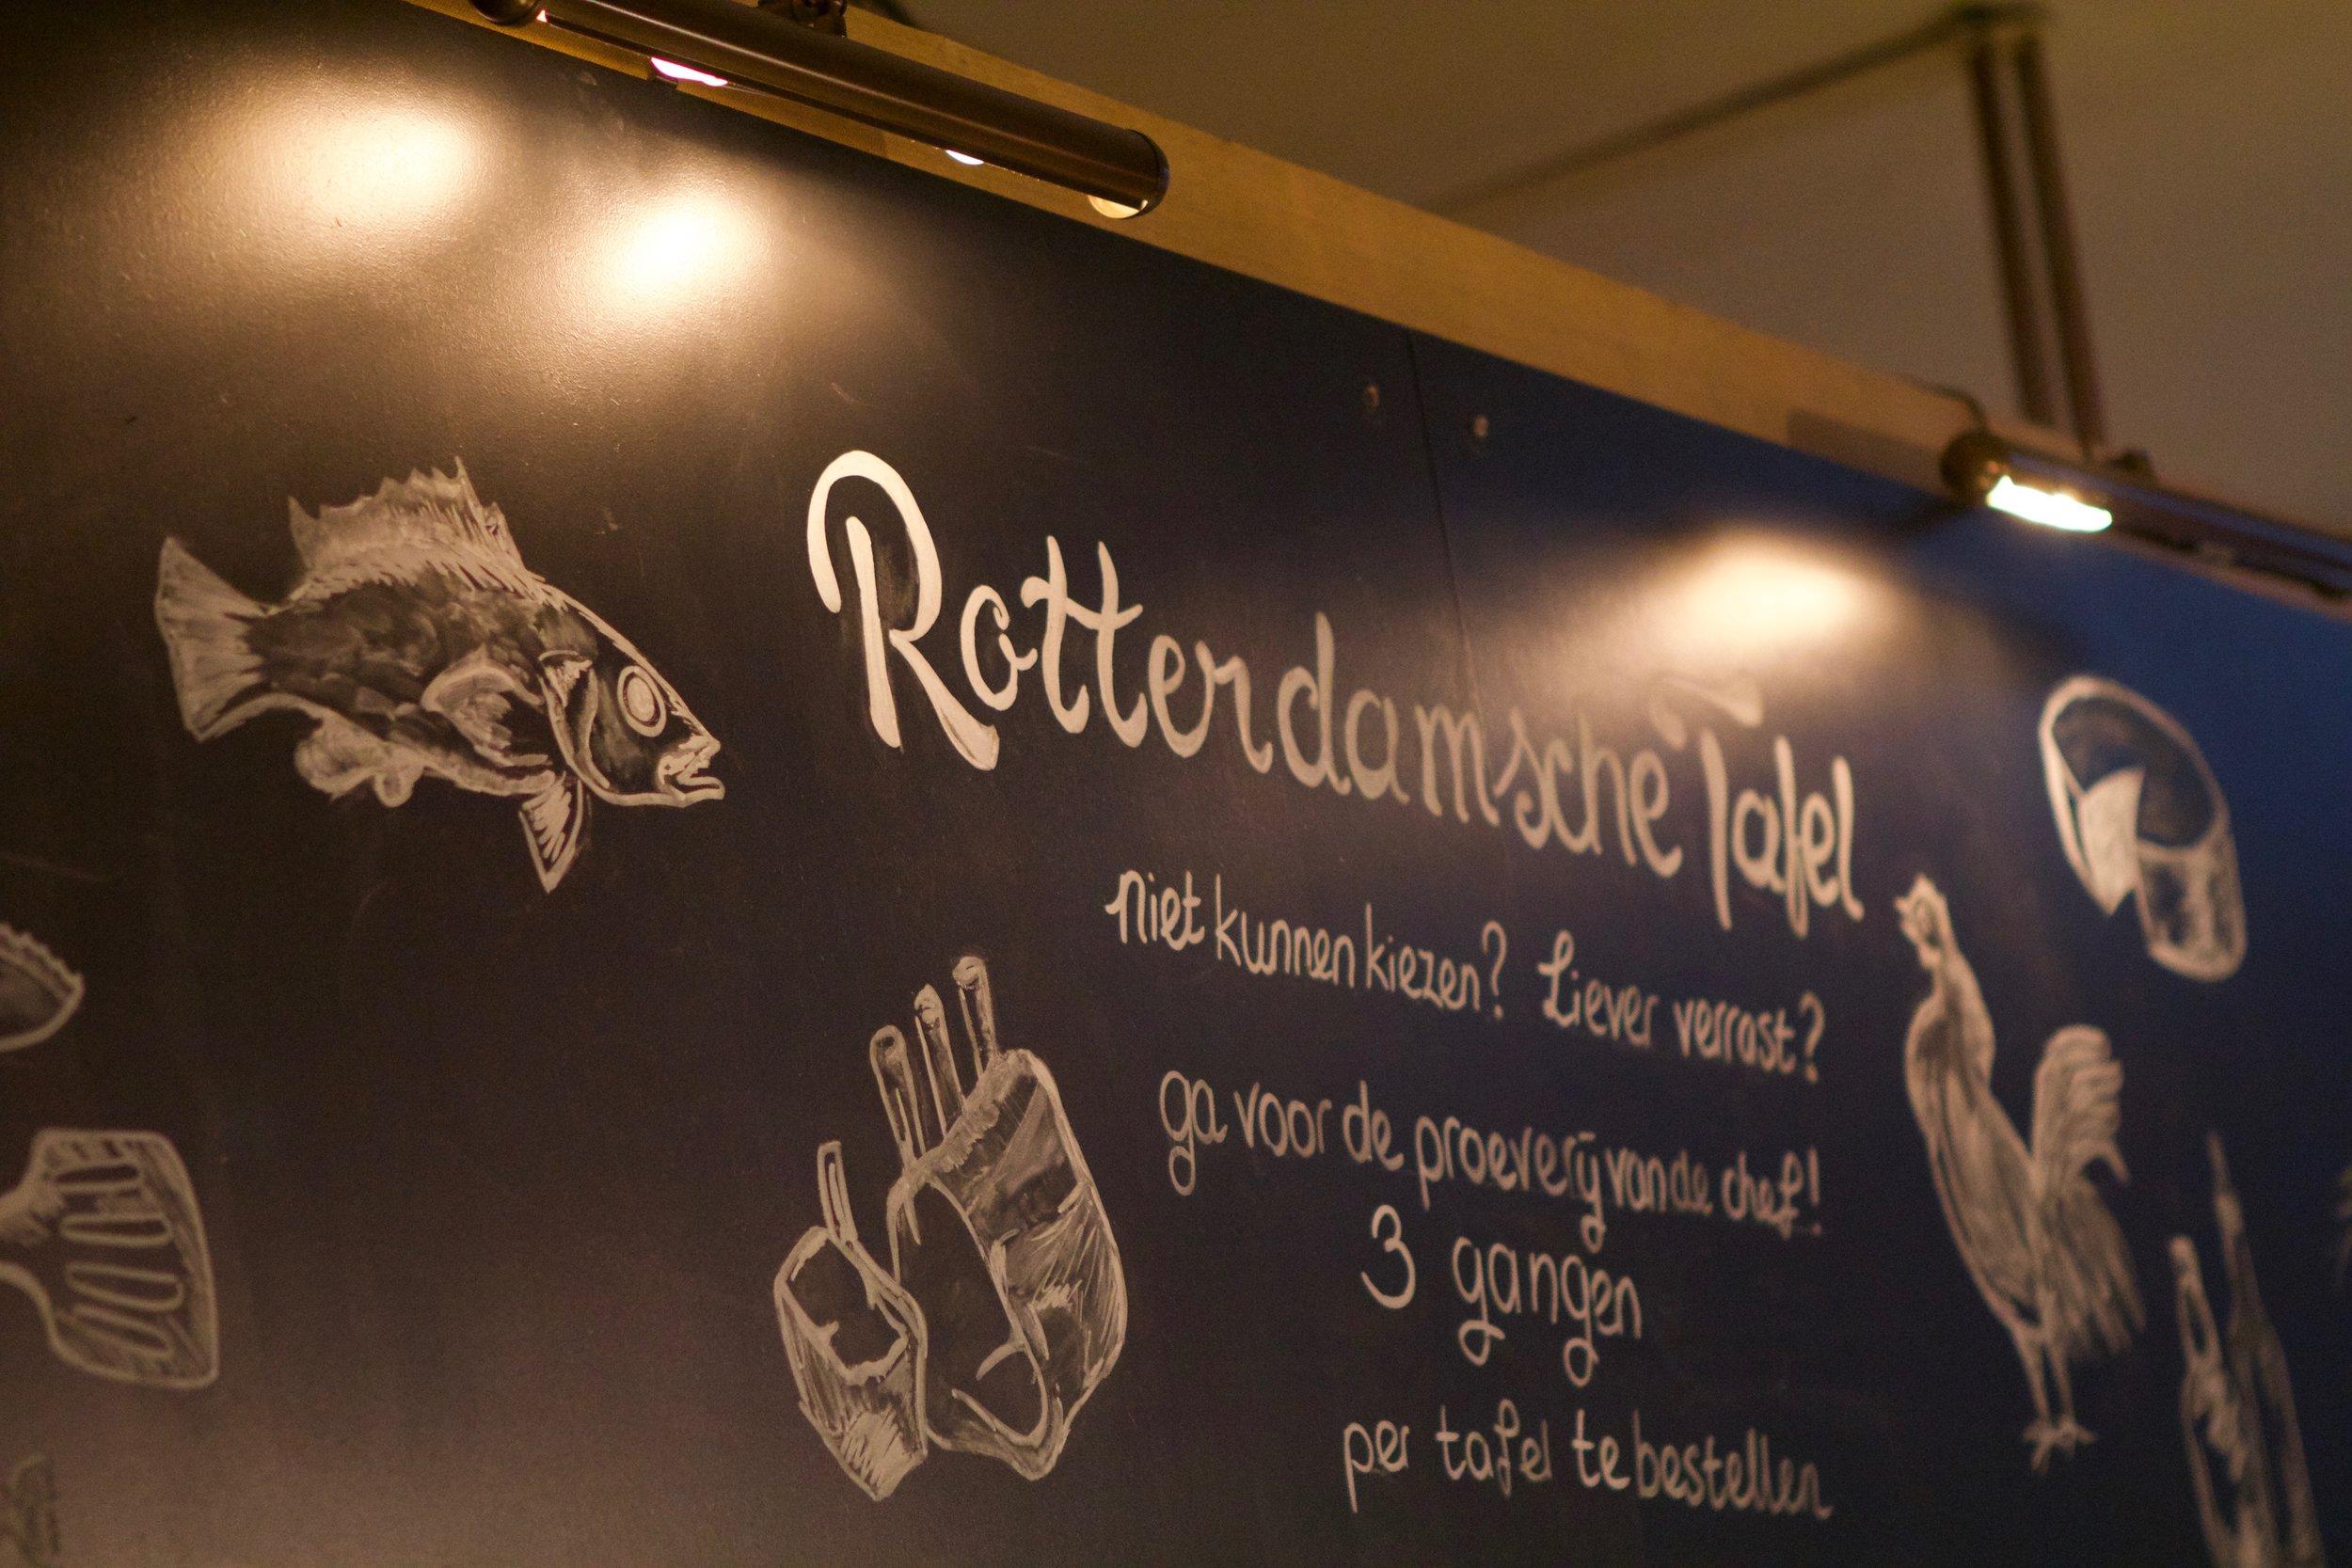 - De Rotterdamsche TafelKomt u ons met 4 of meer personen vergezellen? Dan is de Rotterdamsche tafel voor u al mogelijk! Deze variant van shared dining is ideaal voor (middel)grote gezelschappen. Het idee is dat men samen deelt, dineert en geniet van een scala aan gerechten. In één of meer gangen presenteren wij een diversiteit aan gerechten, die geserveerd worden op borden en schalen.Drie gangen Rotterdamsche Tafel: € 44,50Voorgerecht € 14,50Hoofdgerecht € 28,50Nagerecht € 7,50